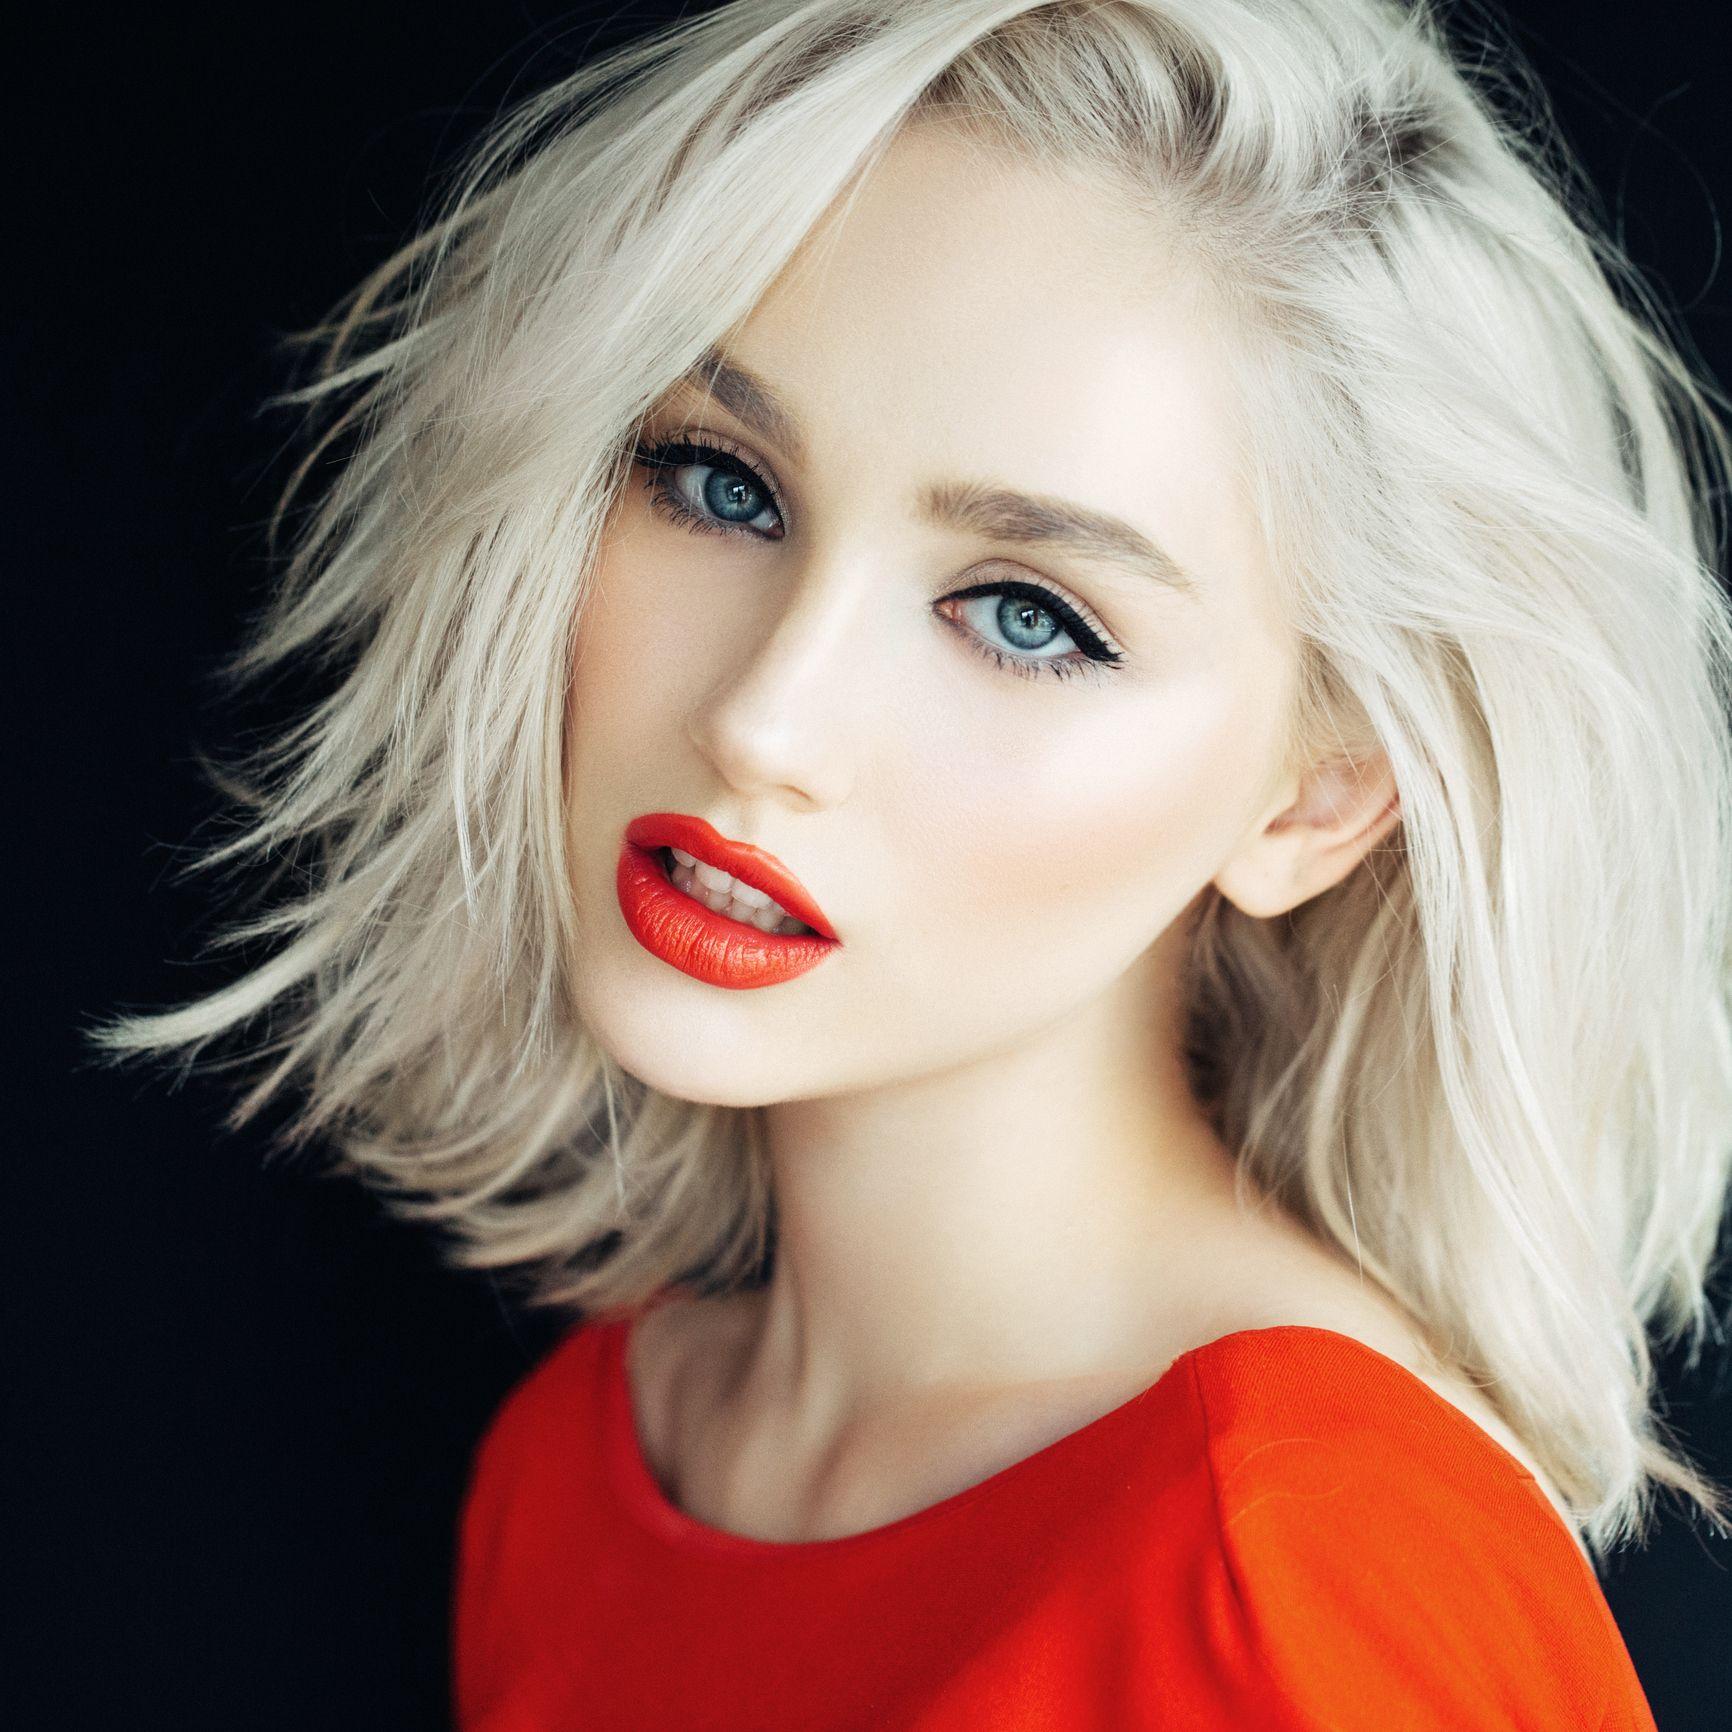 Vielfalt total frisuren für mittellange haare blonde brunette